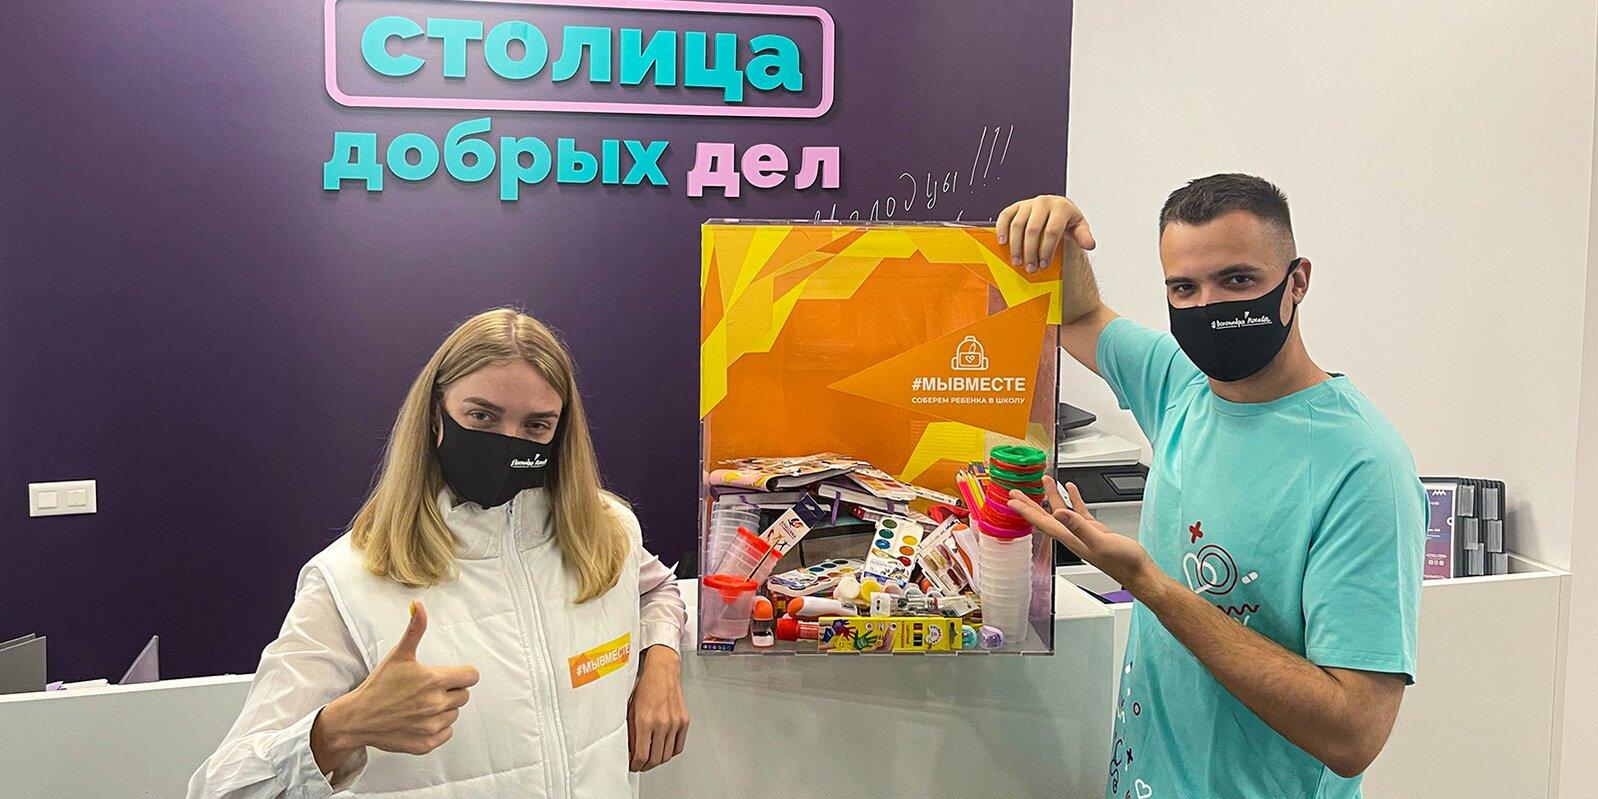 Акцию «#МыВместе соберем ребенка в школу» запустили в Москве